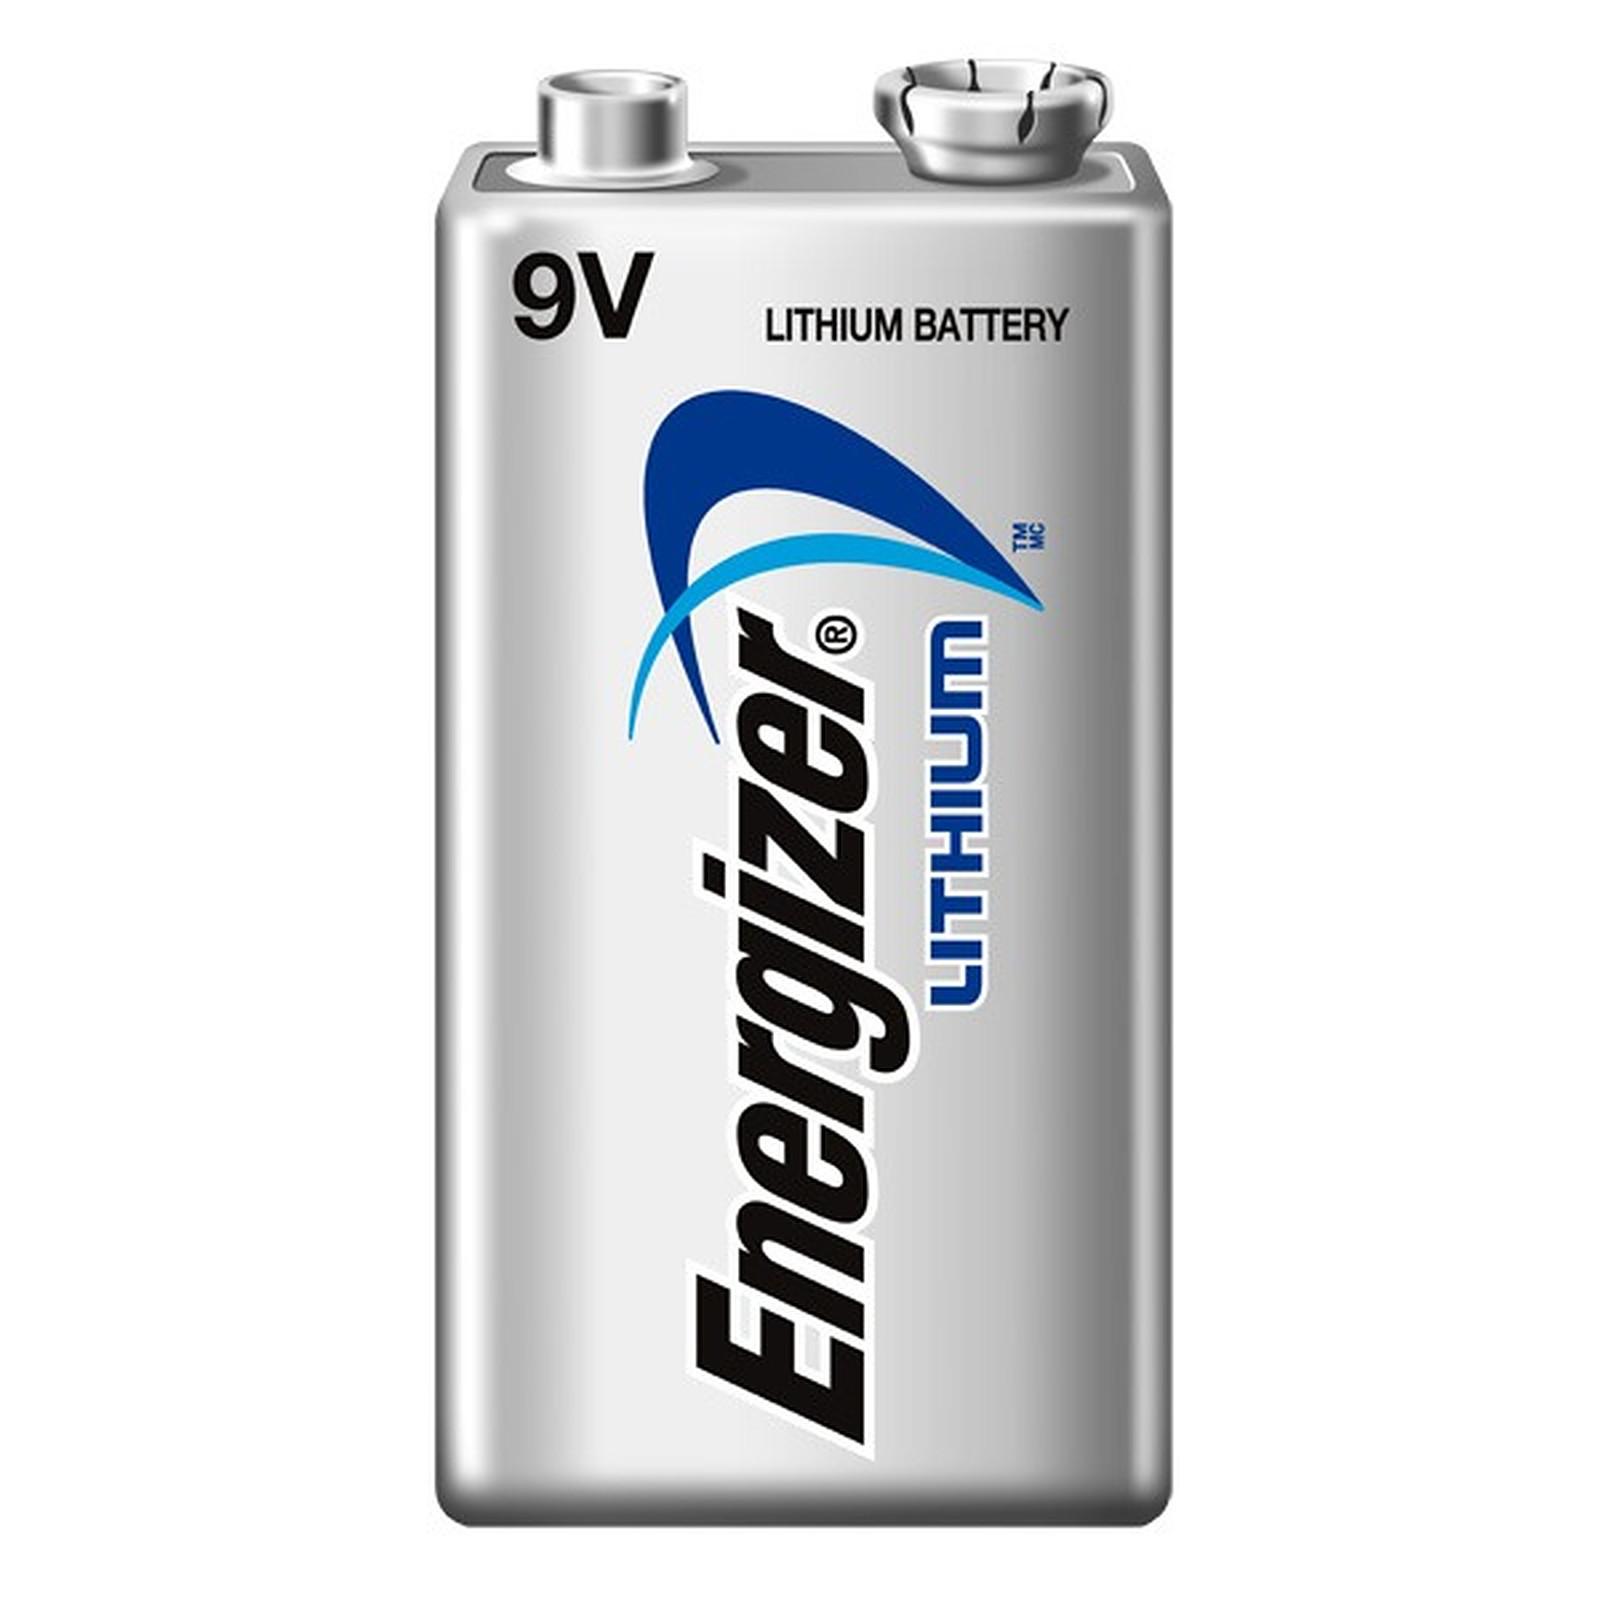 Energizer Lithium 9v A L Unite Pile Chargeur Energizer Sur Ldlc Com